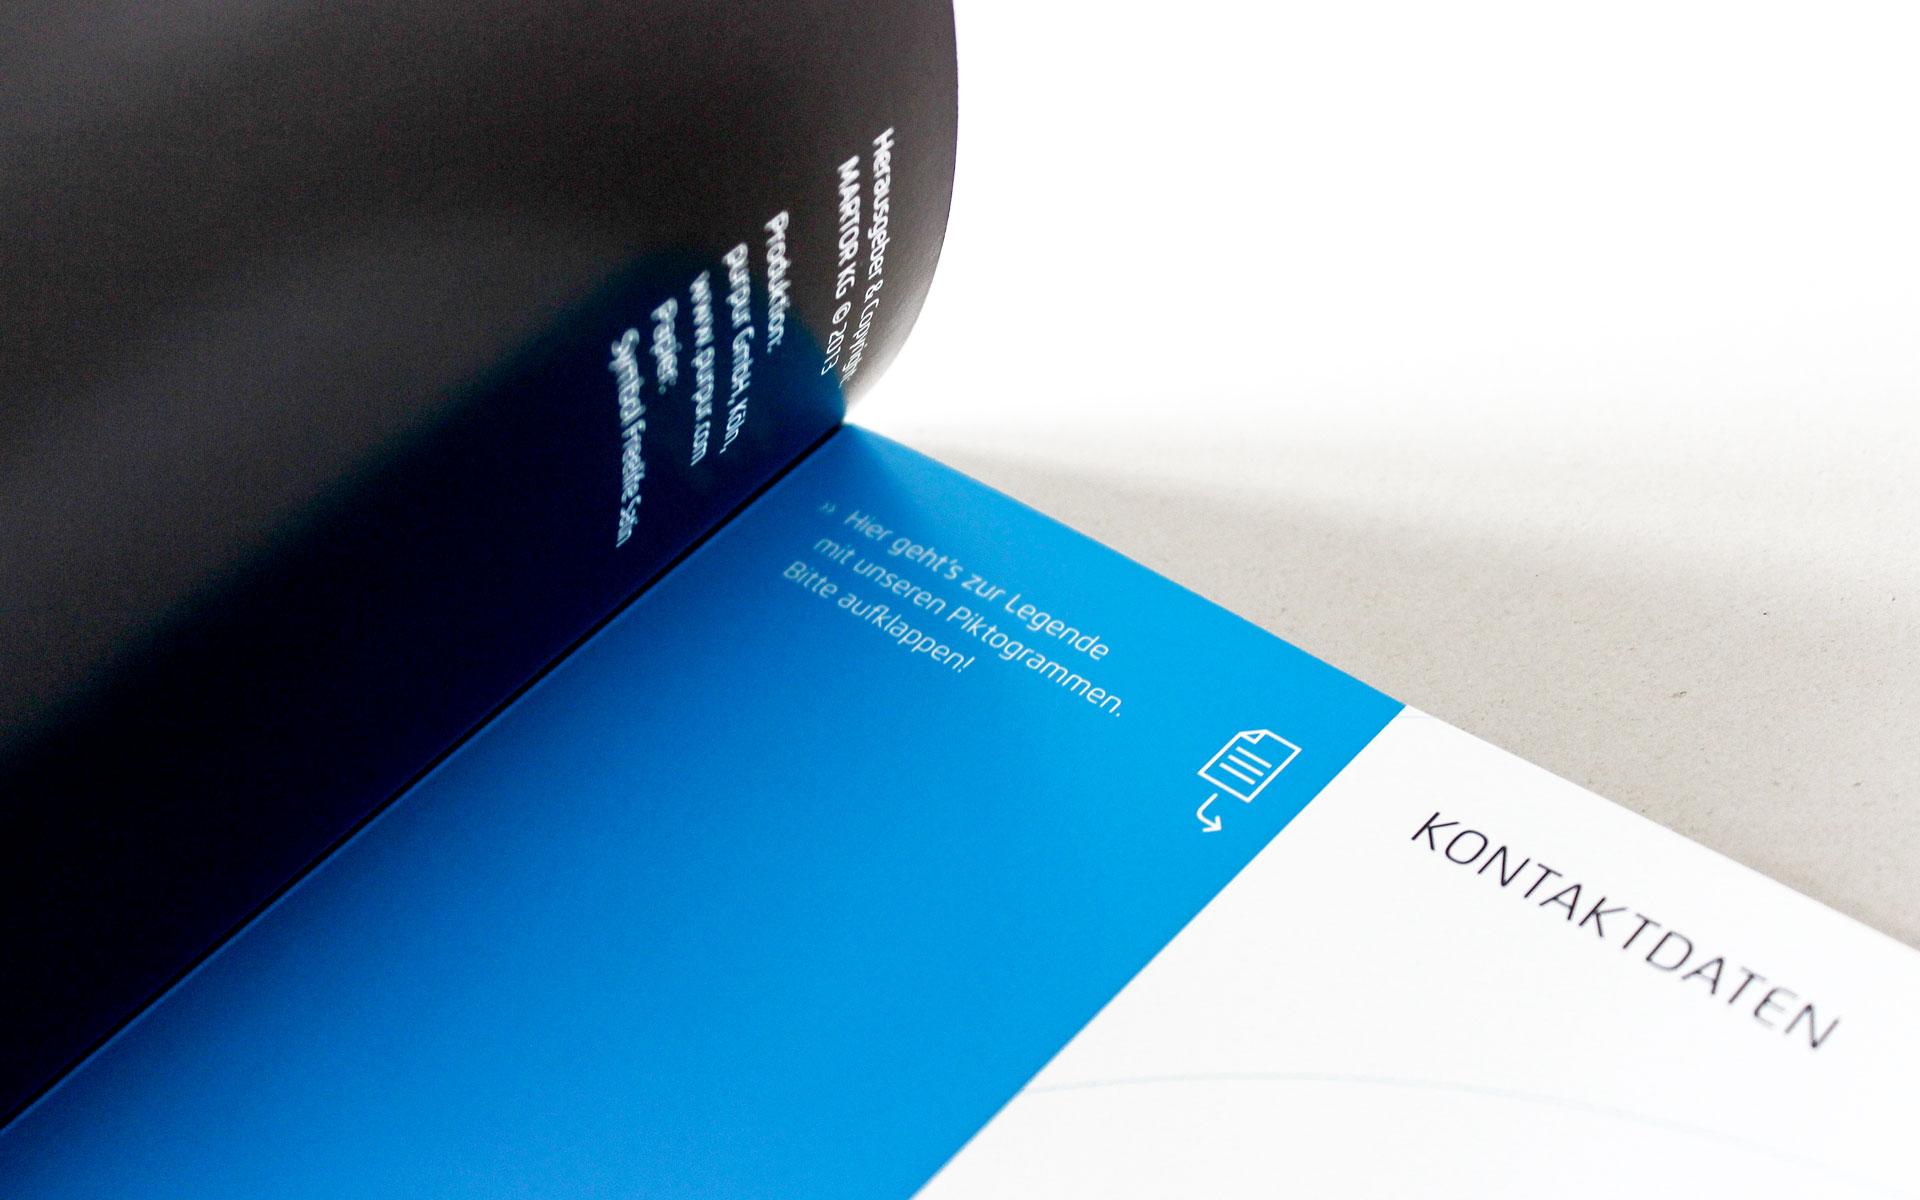 MARTOR Broschürenkonzept, Sicherheitsmesser Katalog, eingeklappte Rückseite